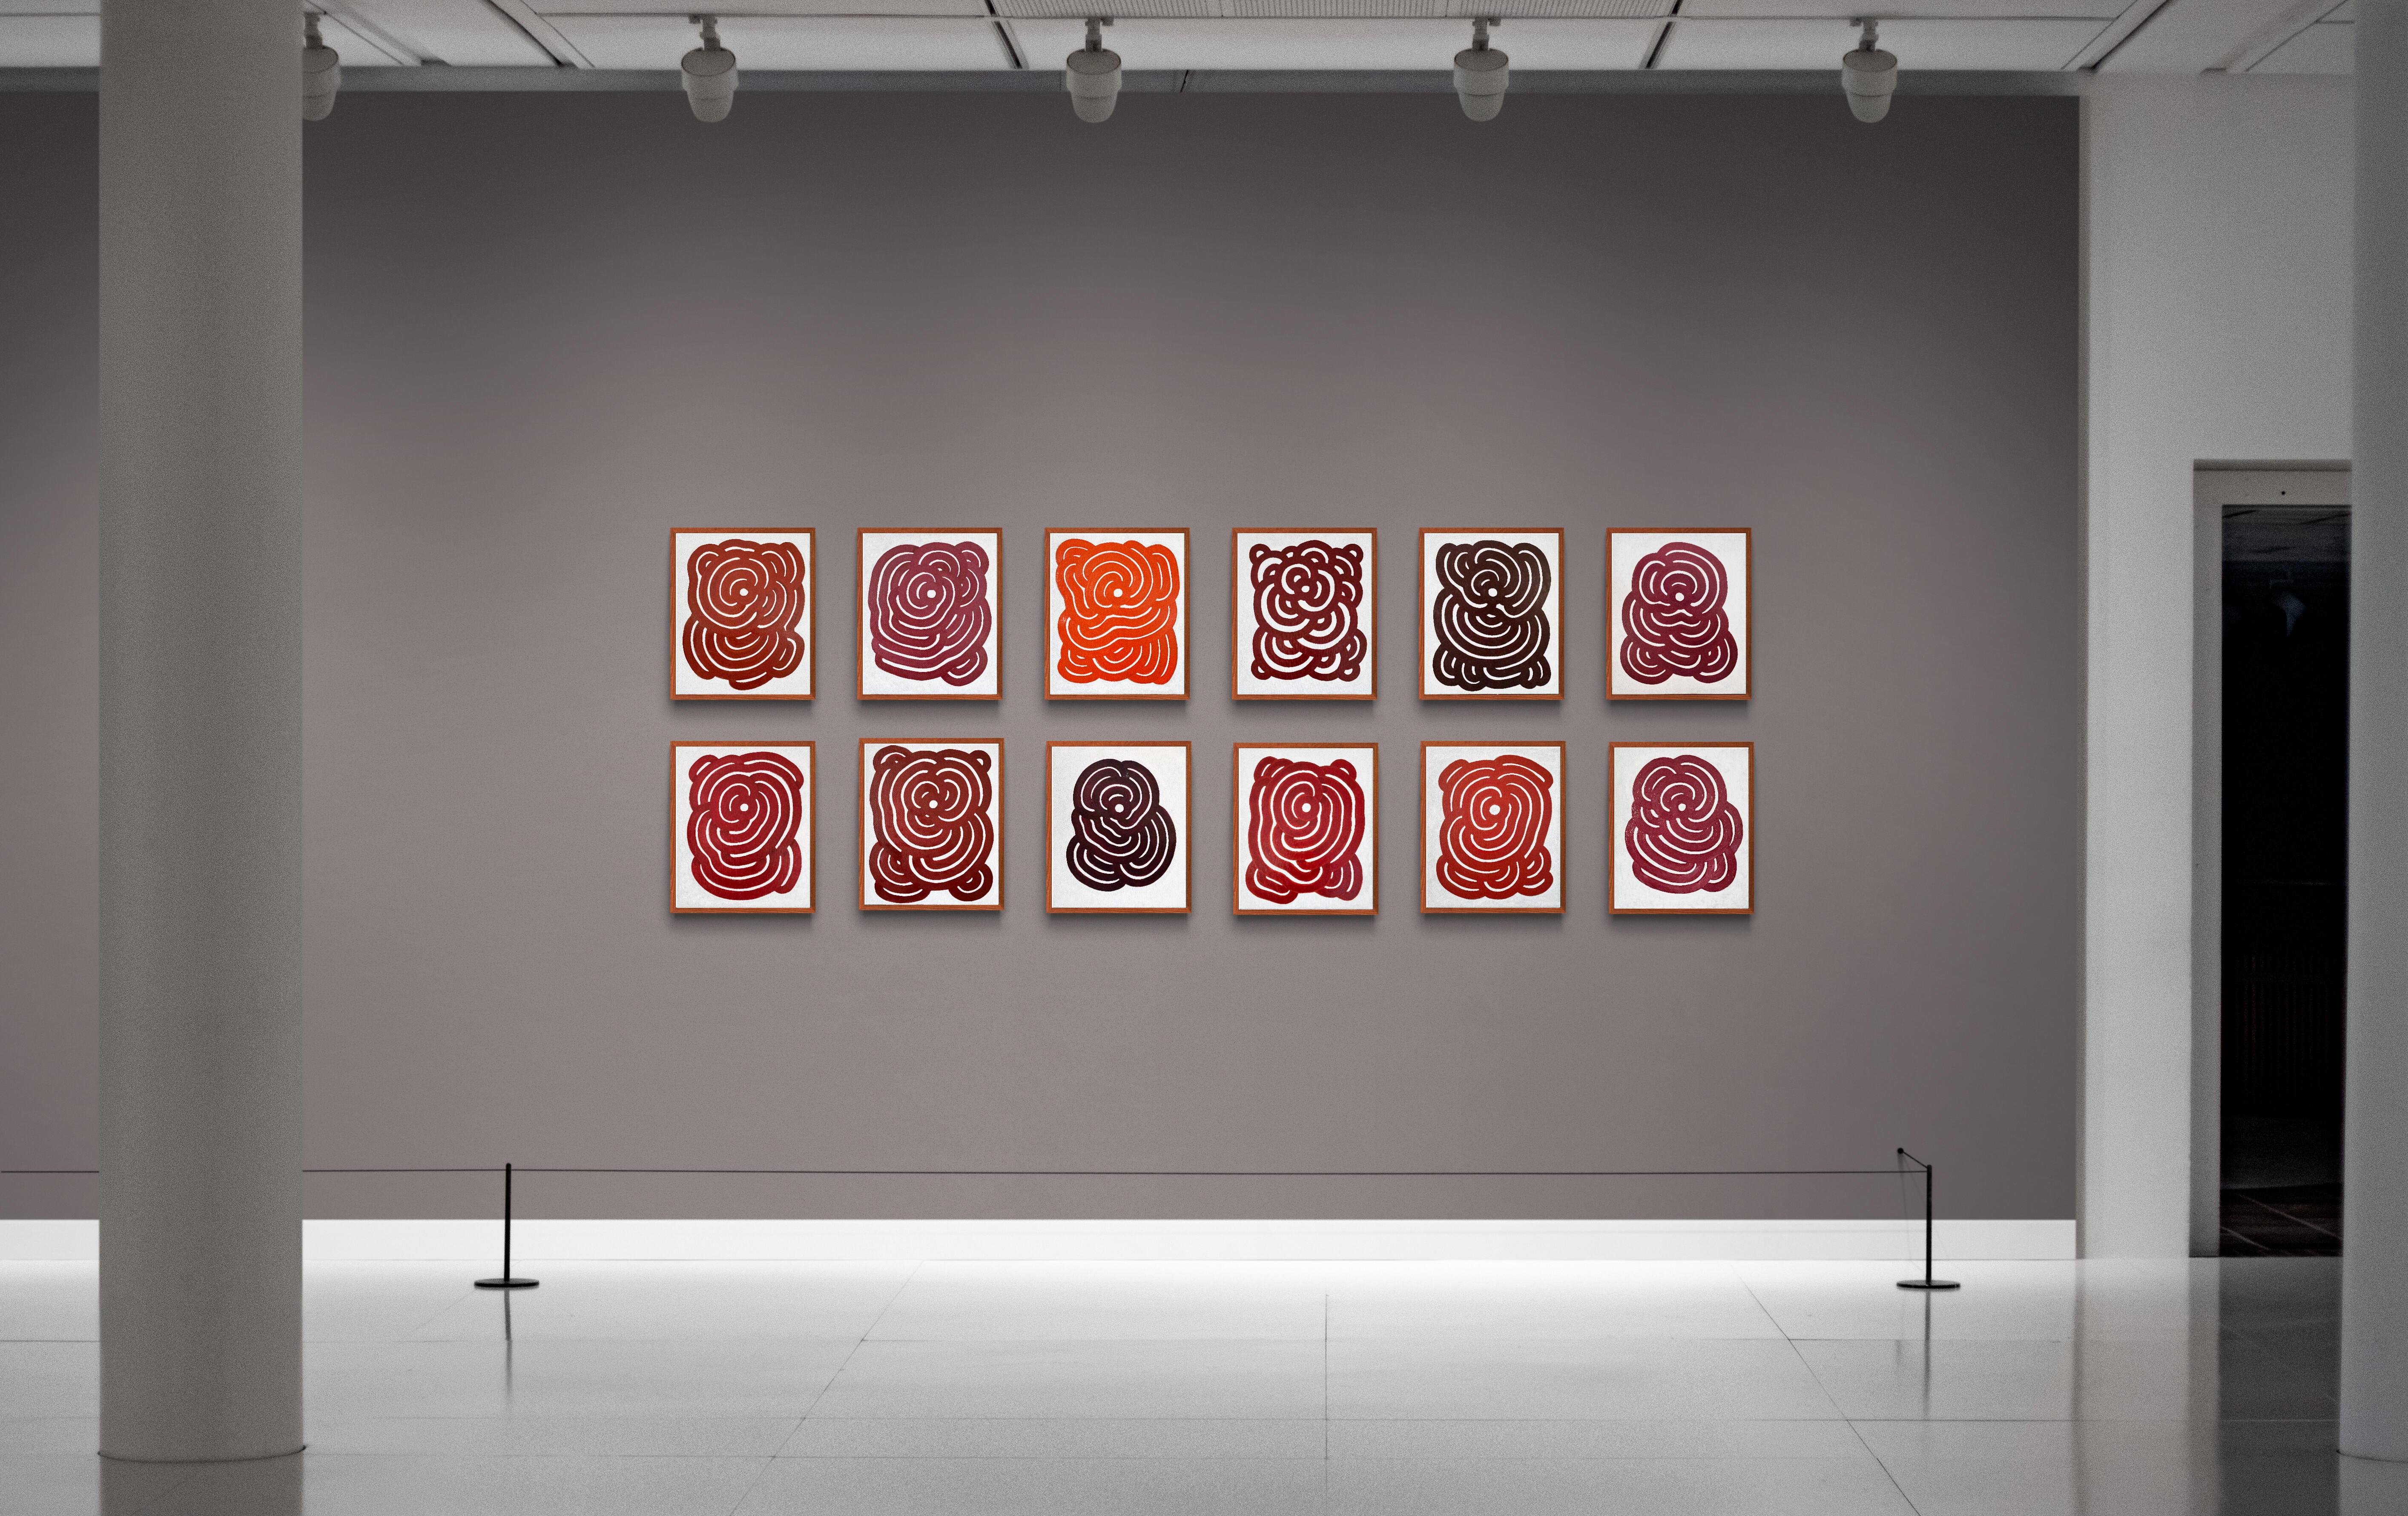 variations_01_large gallery wall.jpg